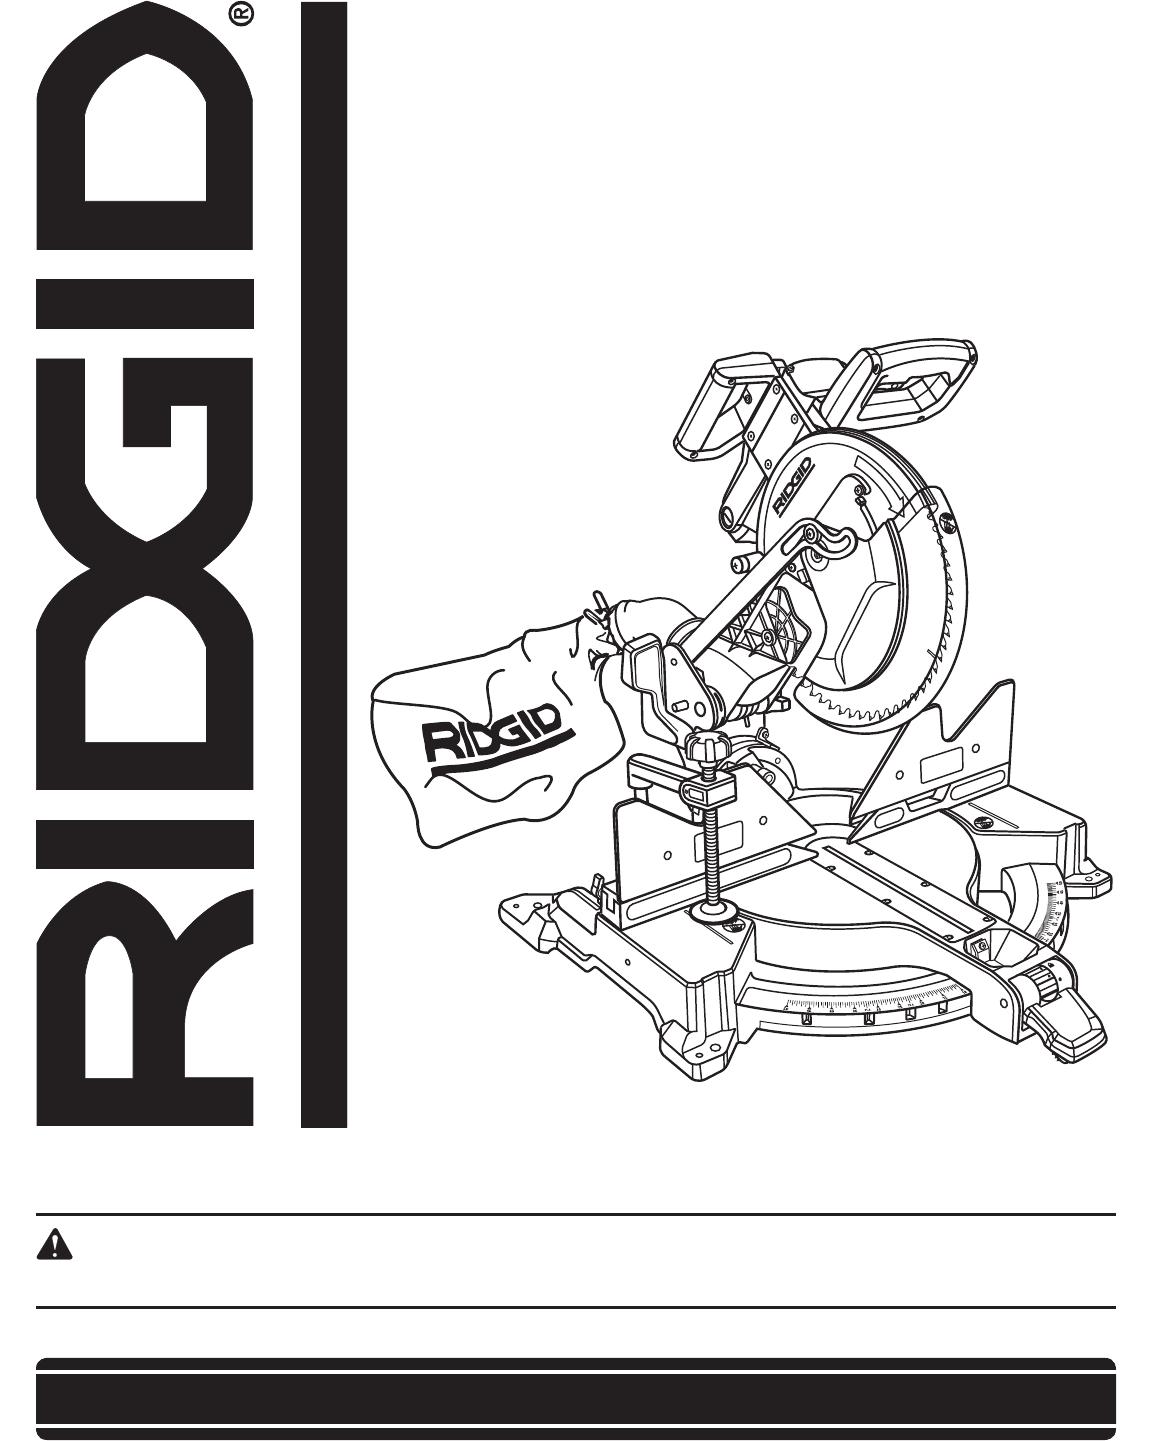 ridgid saw r4121 user guide manualsonline com rh powertool manualsonline com